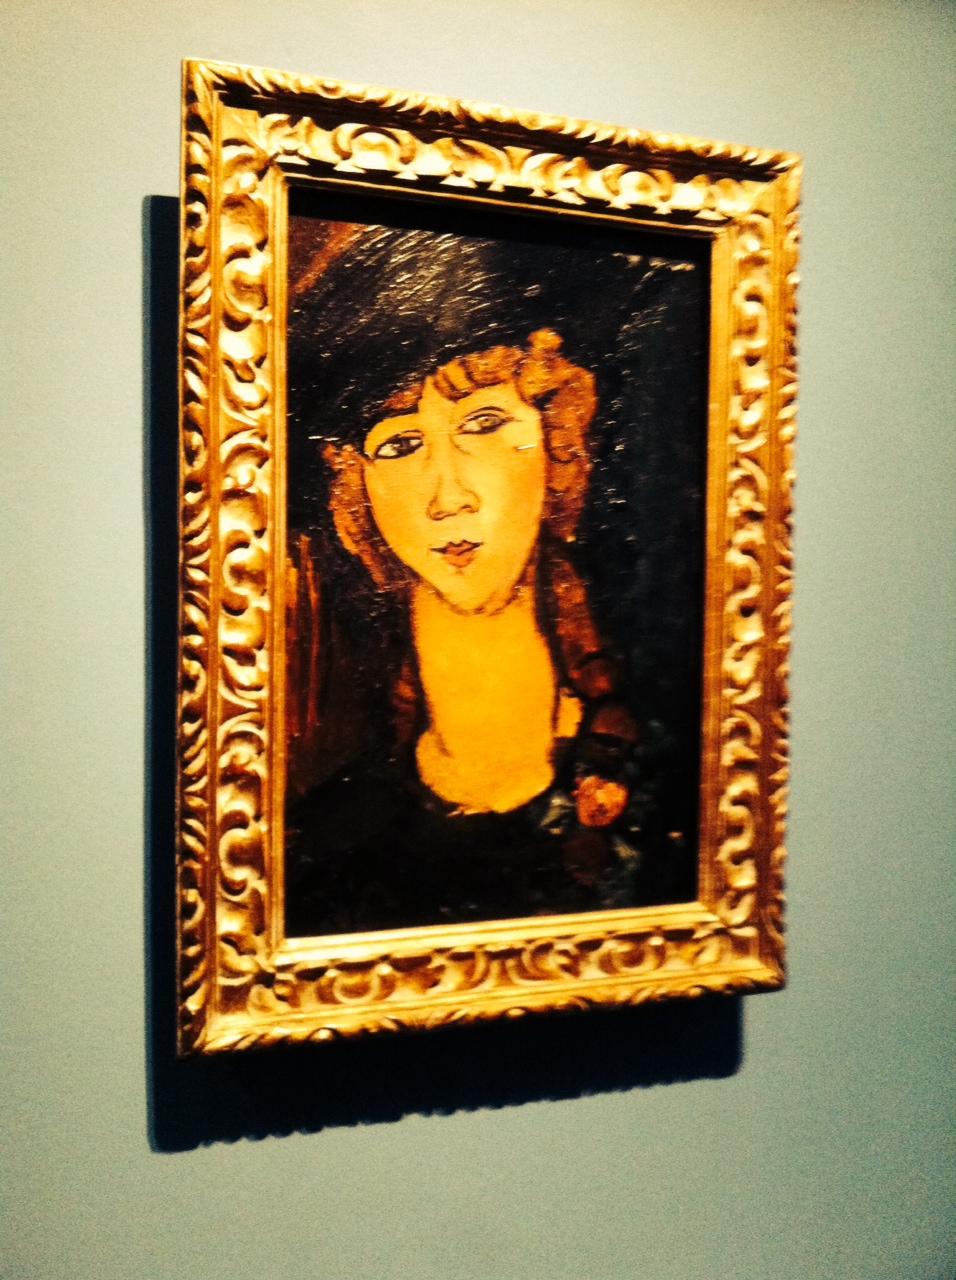 La mostra è prodotta da Skira e il curatore, Jean Michel Bouhours, ha selezionato con estrema perizia solo 12 disegni di Modigliani e due sculture.